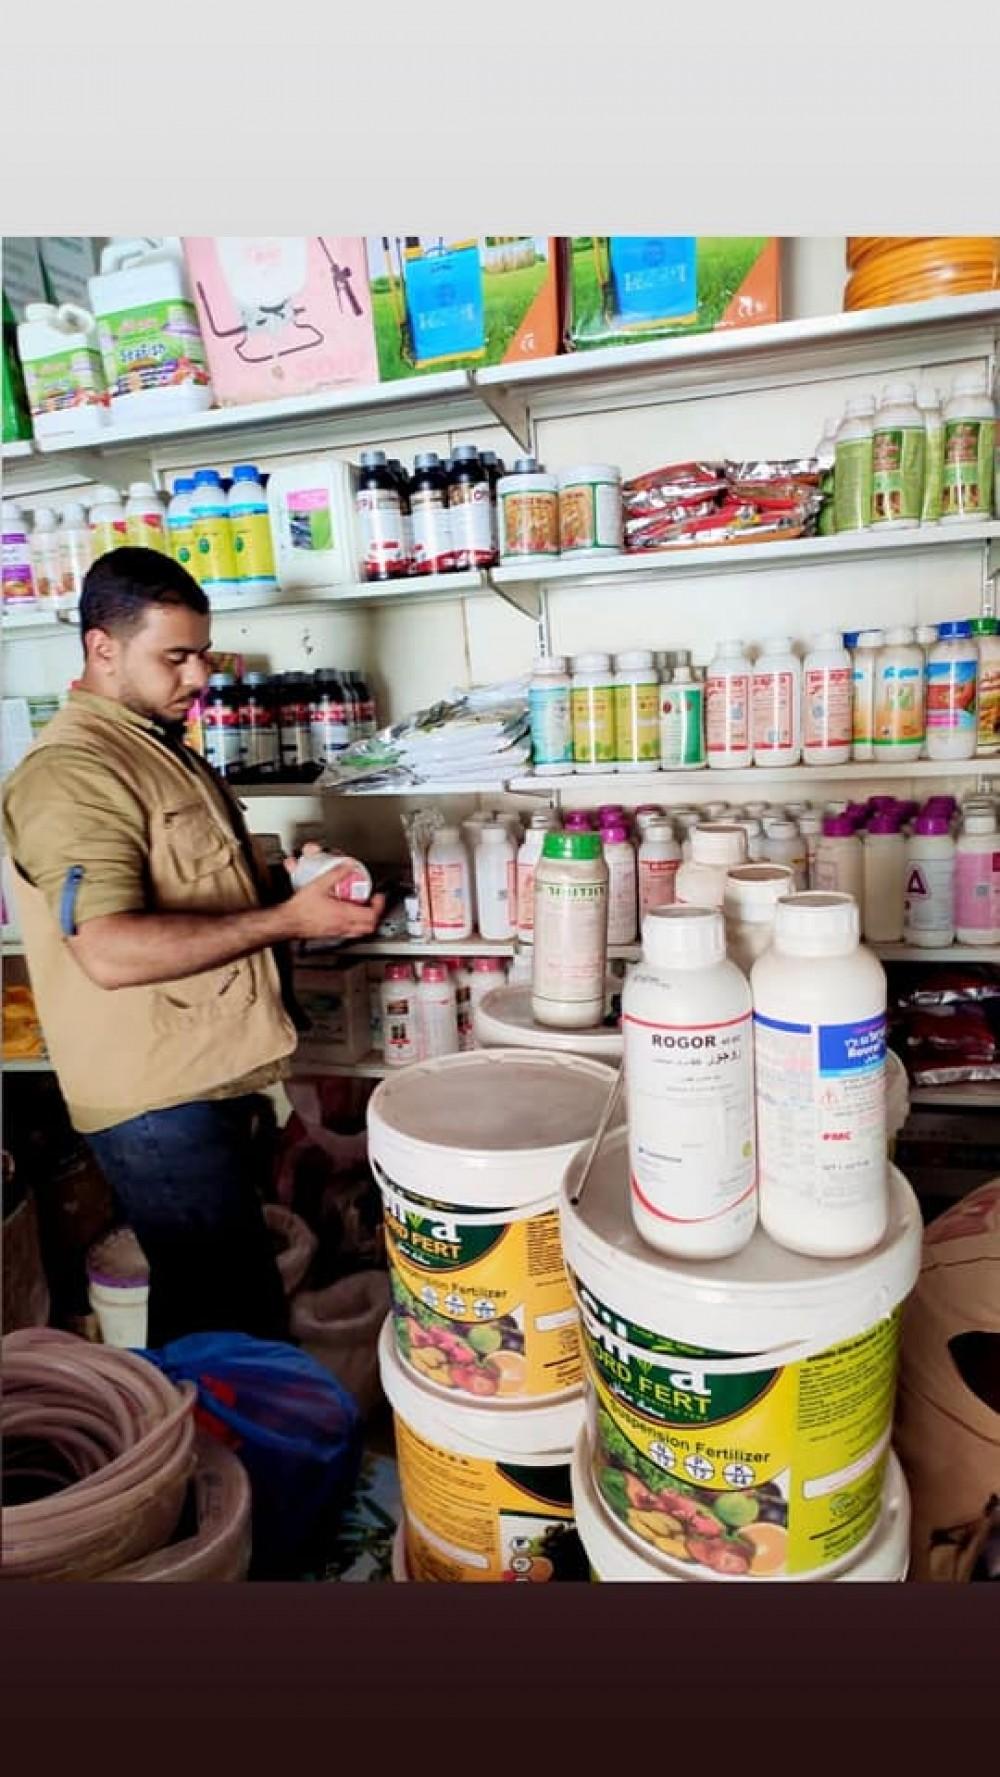 الزراعة تنظم جولة رقابية على أصحاب محلات بيع المبيدات بخانيونس